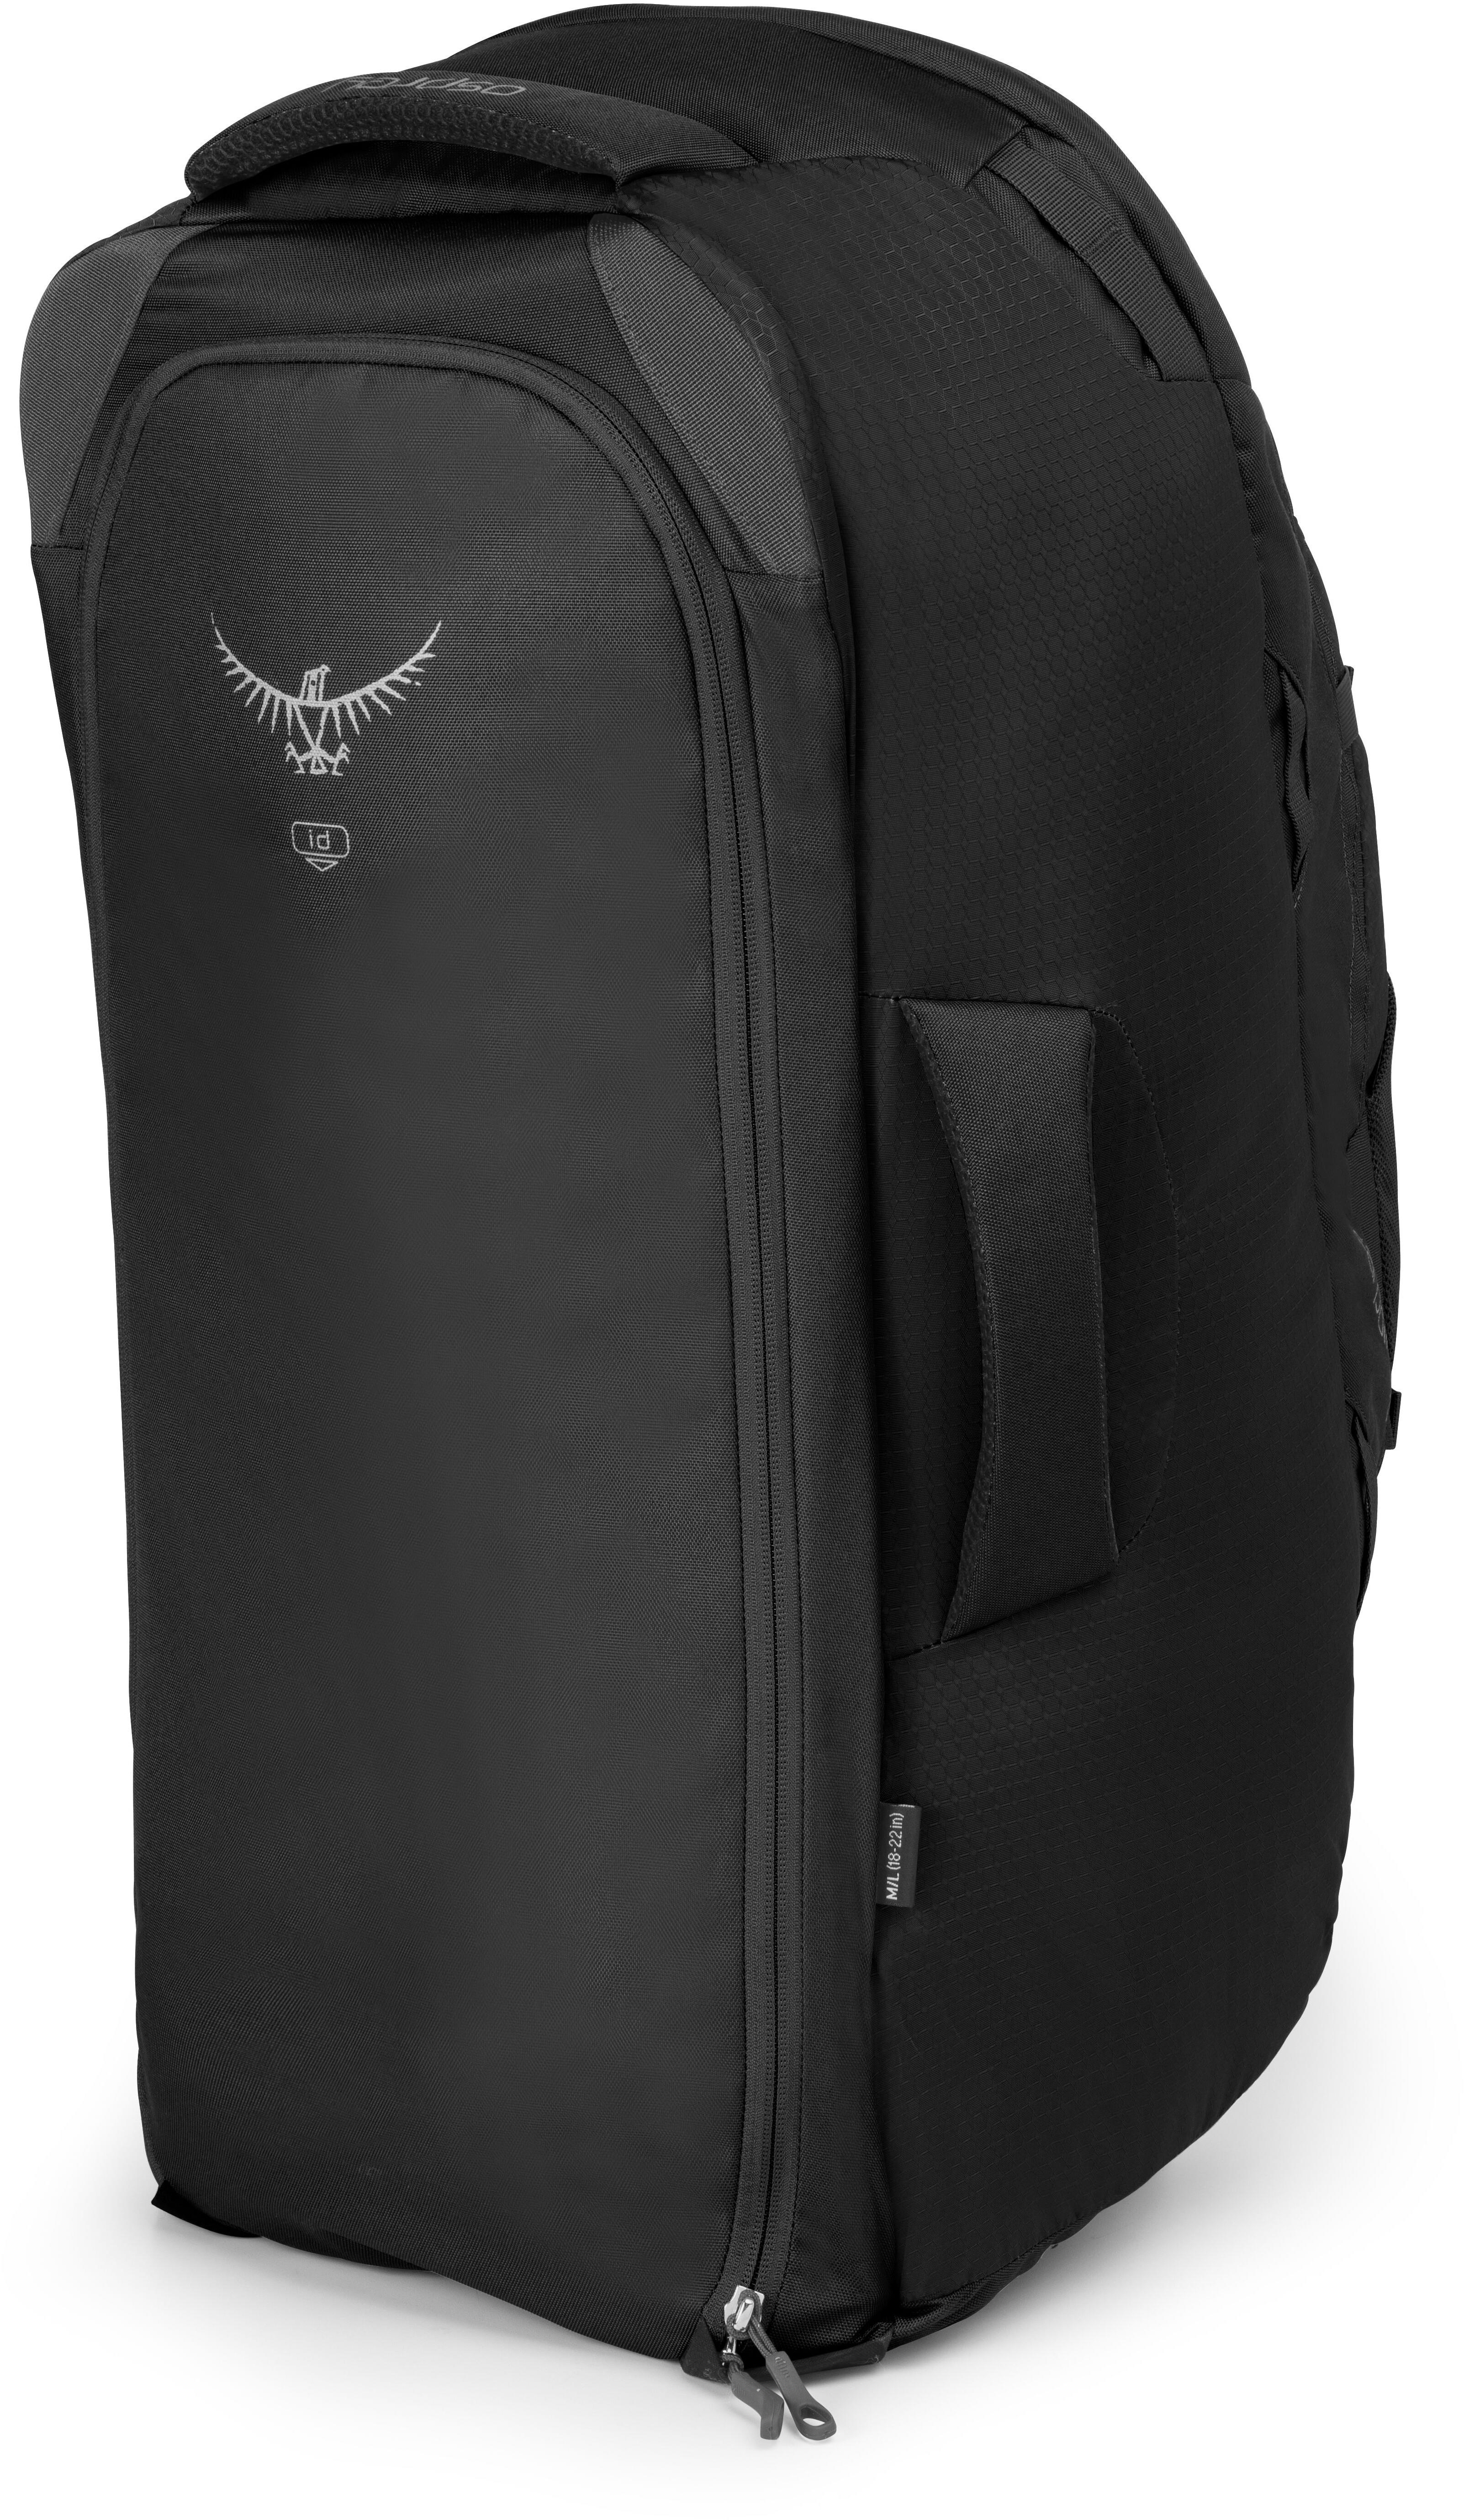 a1fad1ff9a Osprey Farpoint 70 - Sac de voyage - S/M noir sur CAMPZ !